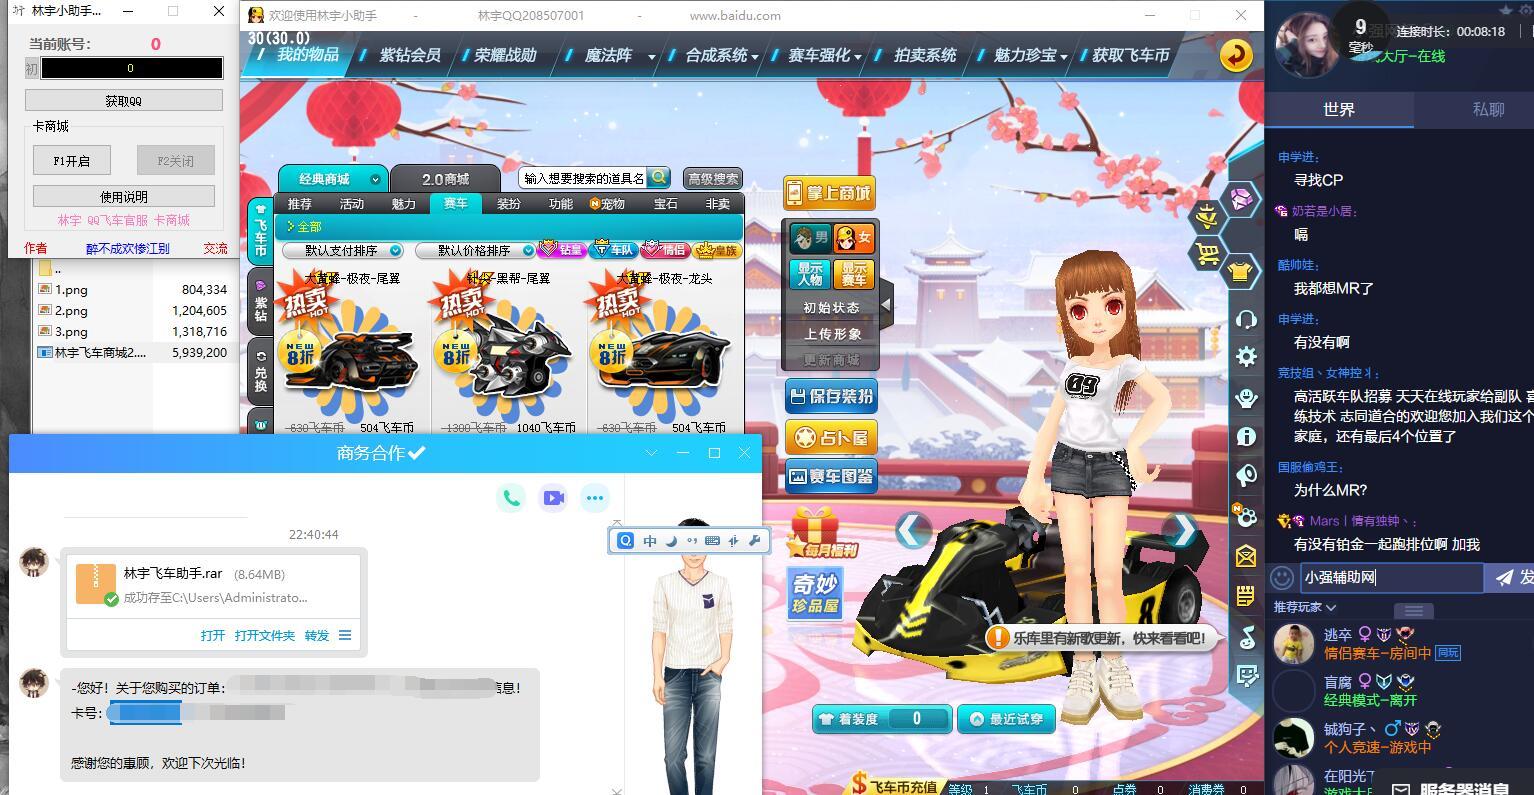 QQ飞车_林宇飞车卡商城助手V2.1最新版本